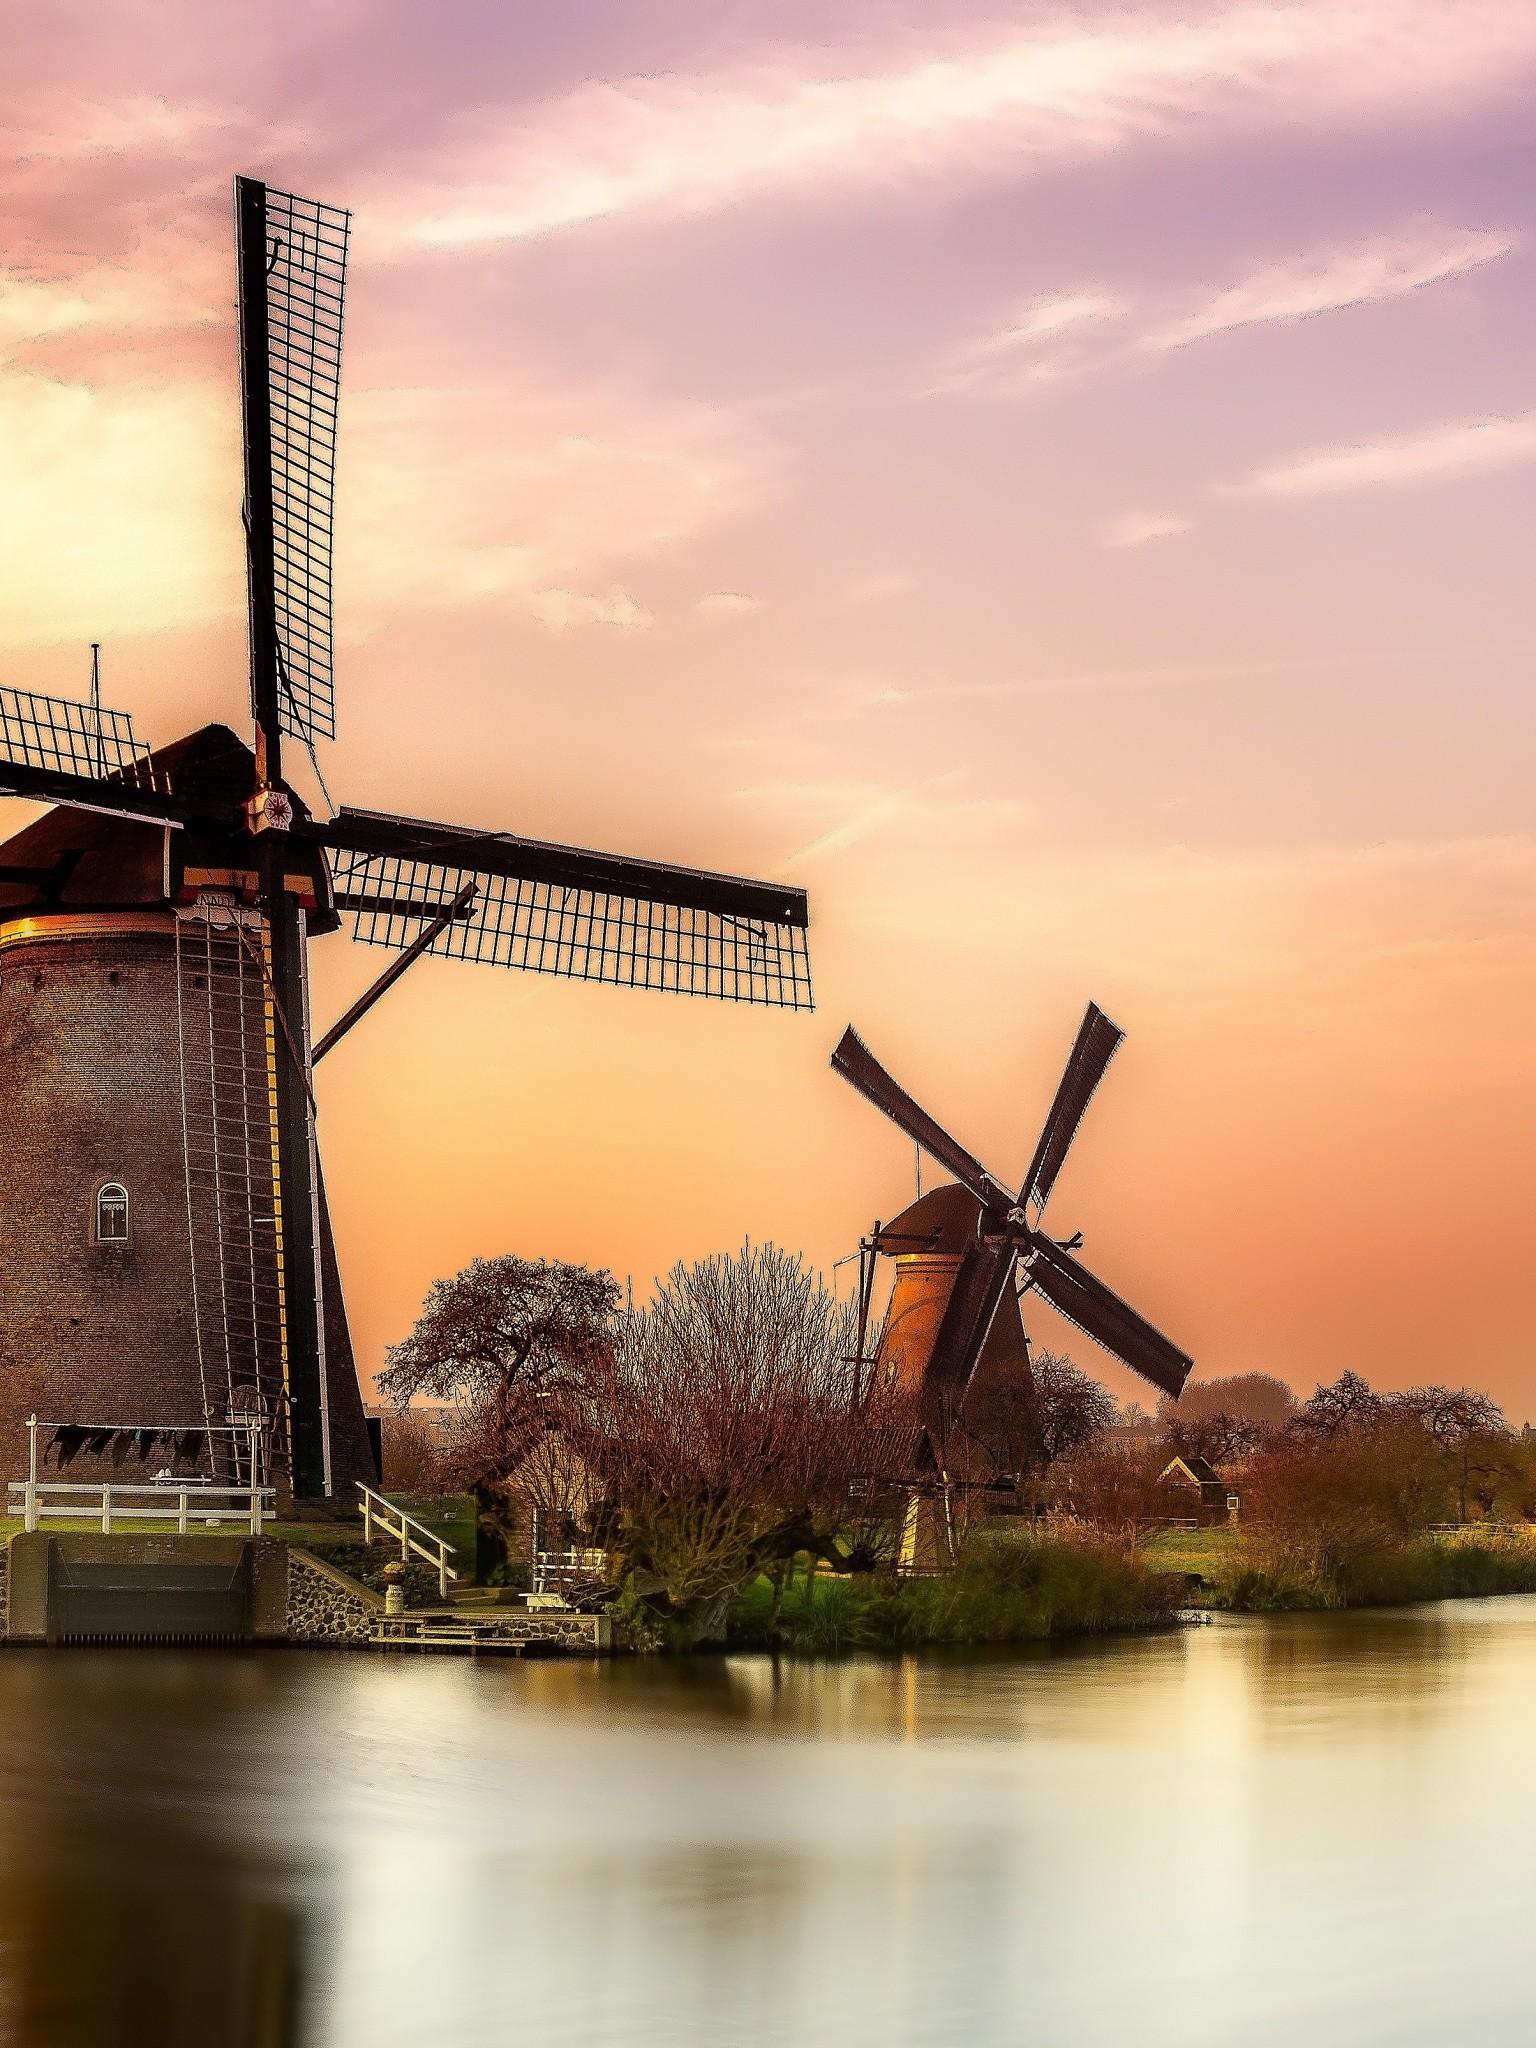 Sunset River Holland Windmill Wallpaper - 1536x2048